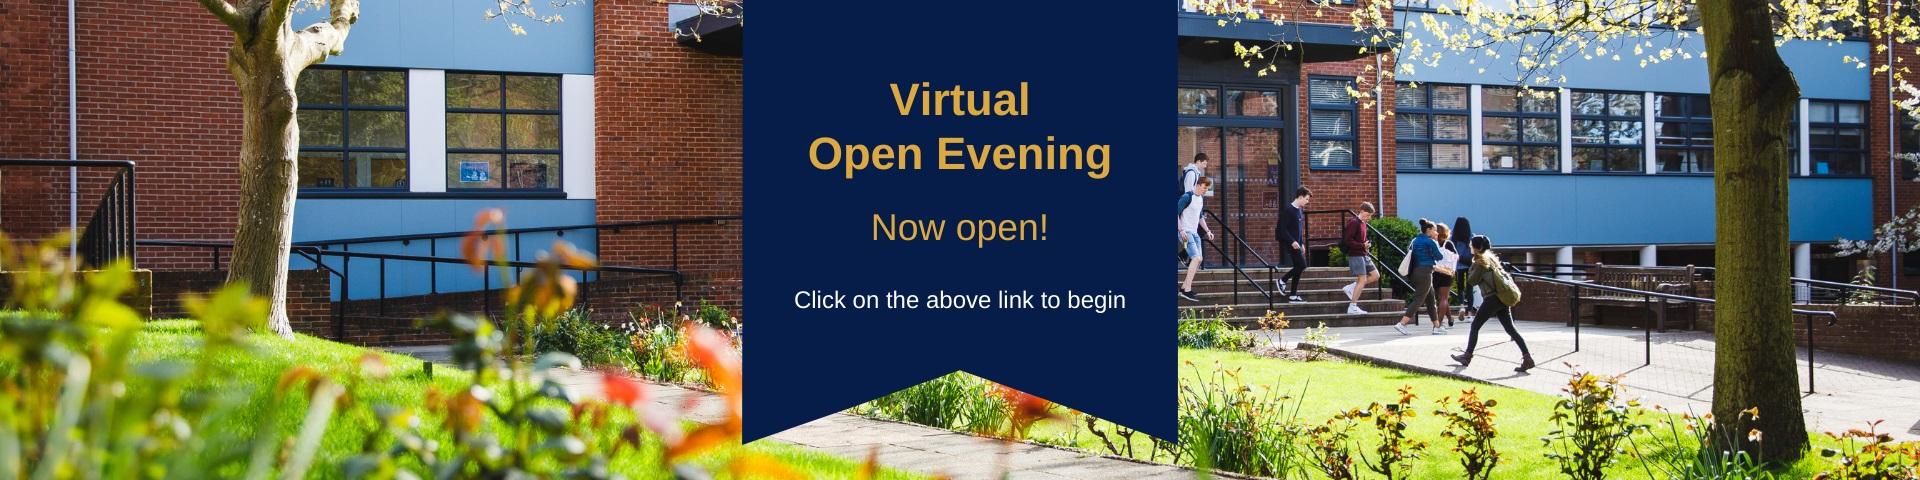 Virtual now open